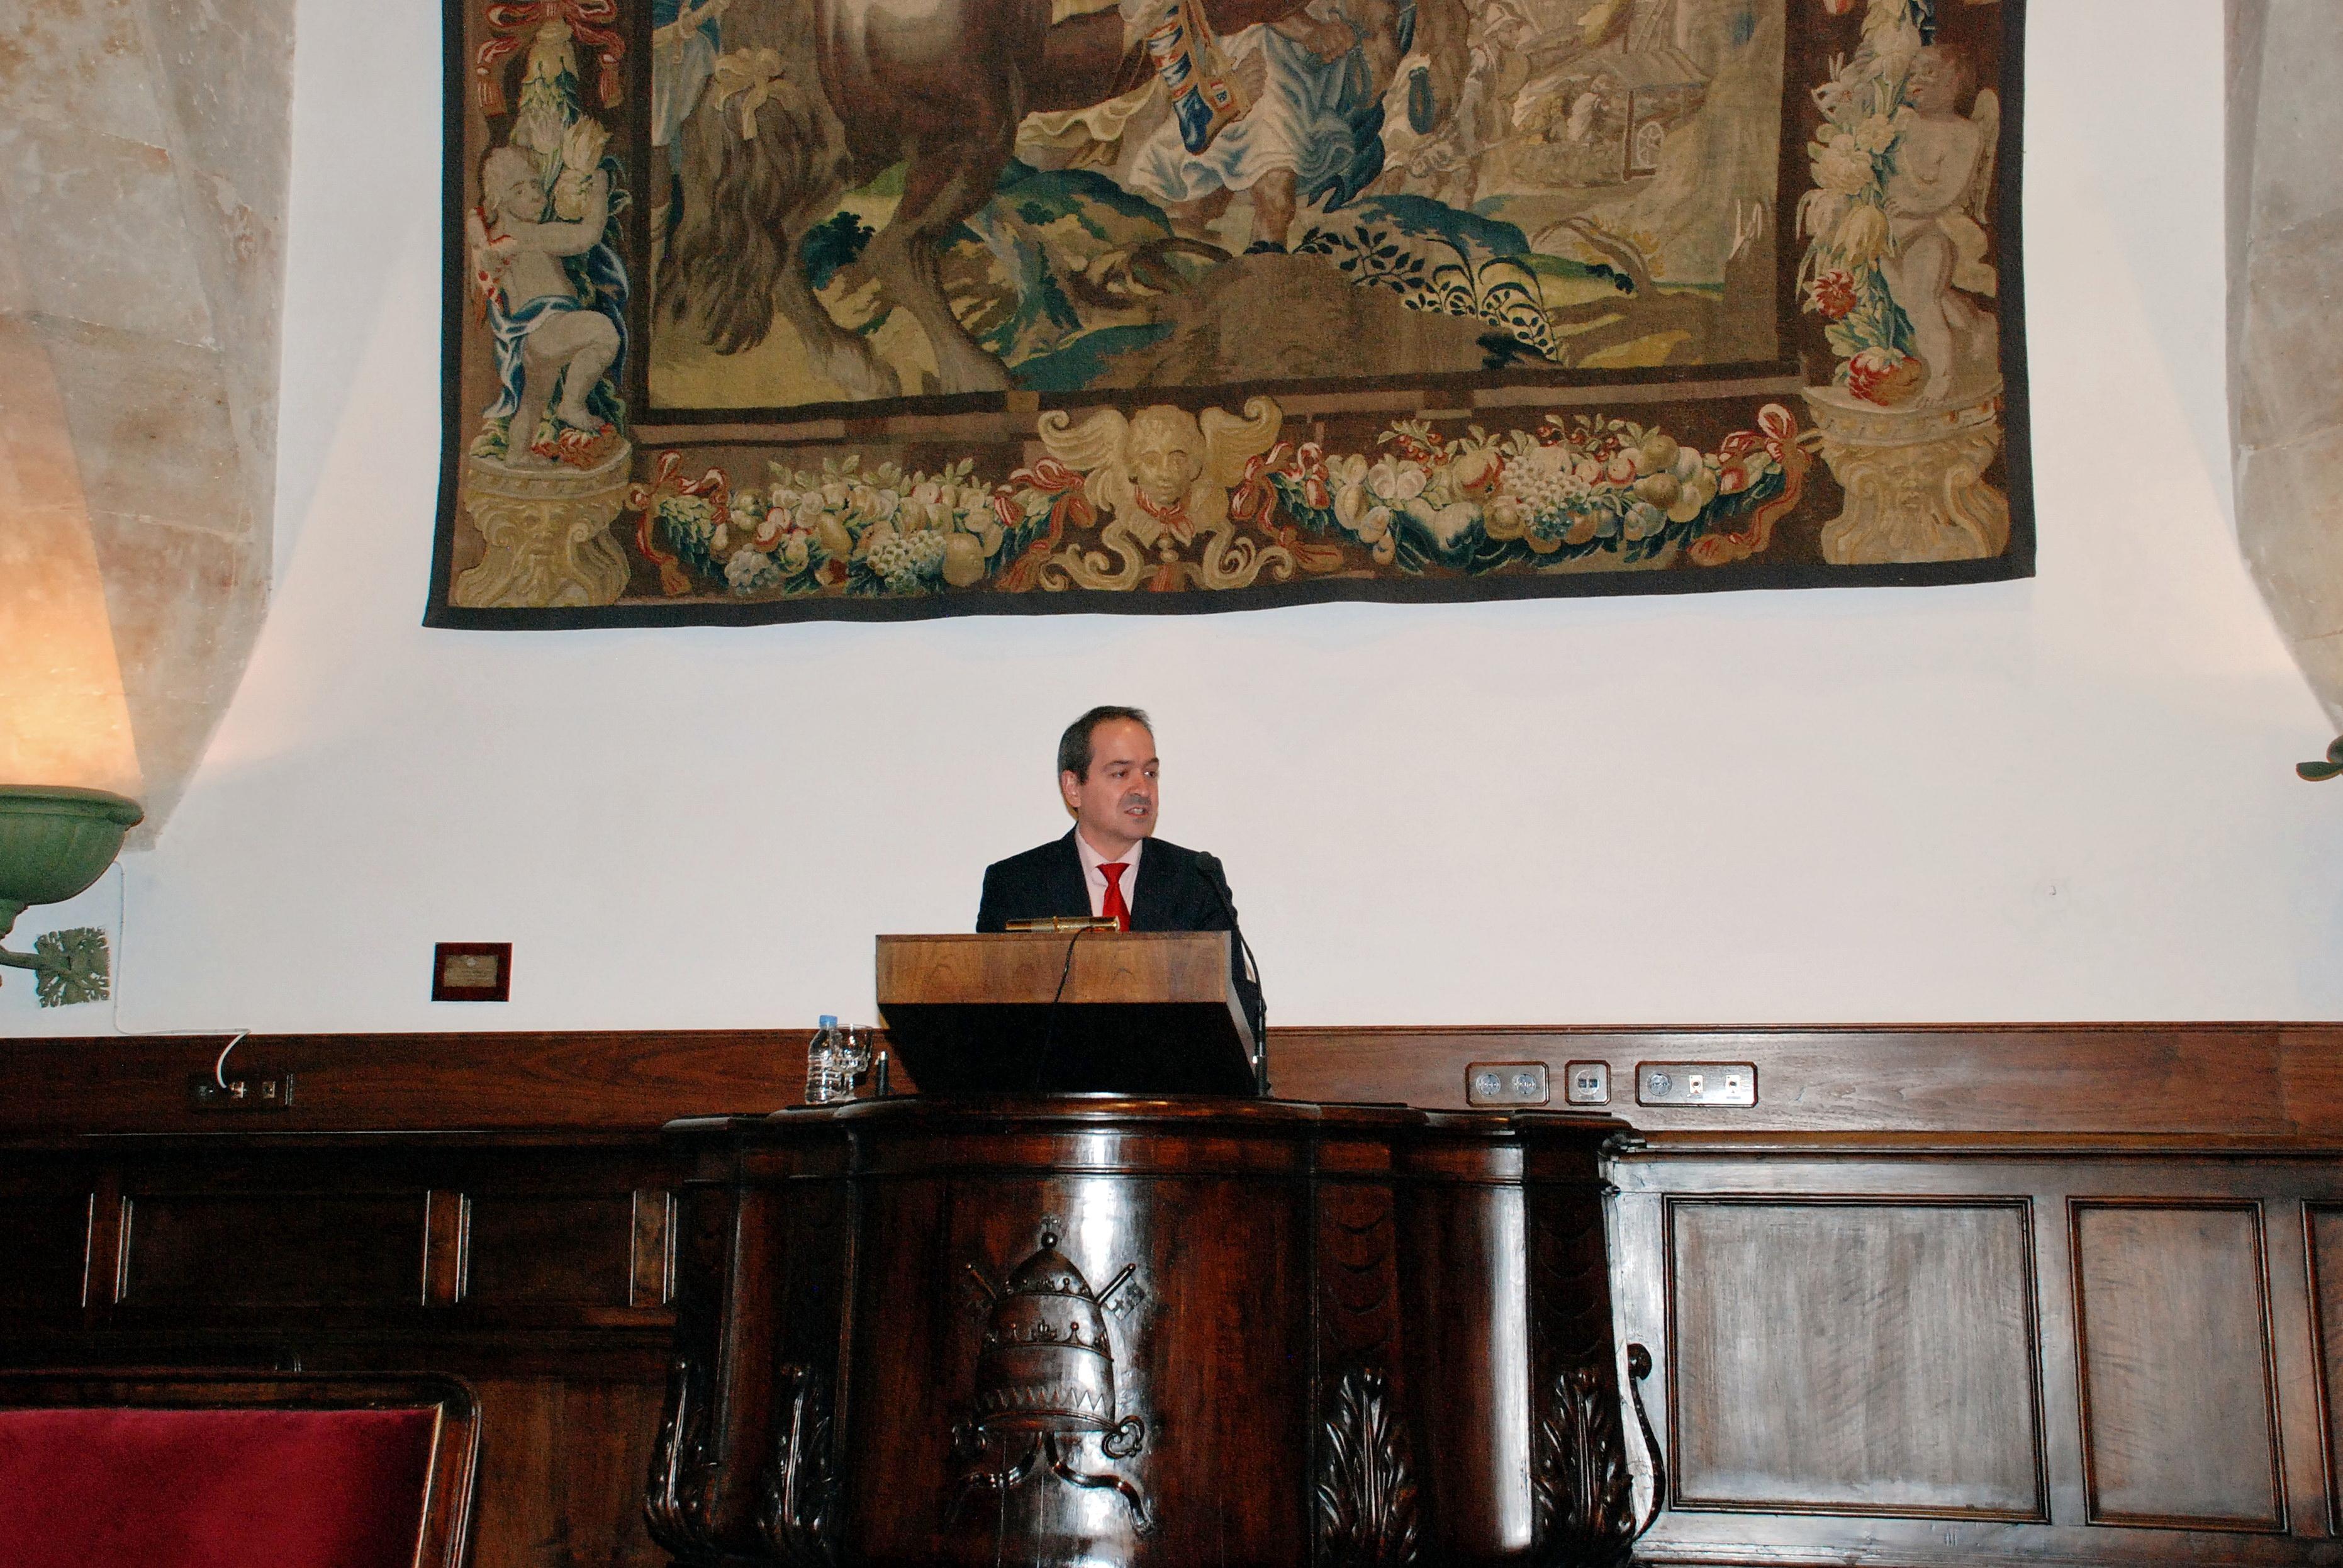 La Universidad de Salamanca concederá el doctorado honoris causa a Mario Vargas Llosa y Blake S. Wilson